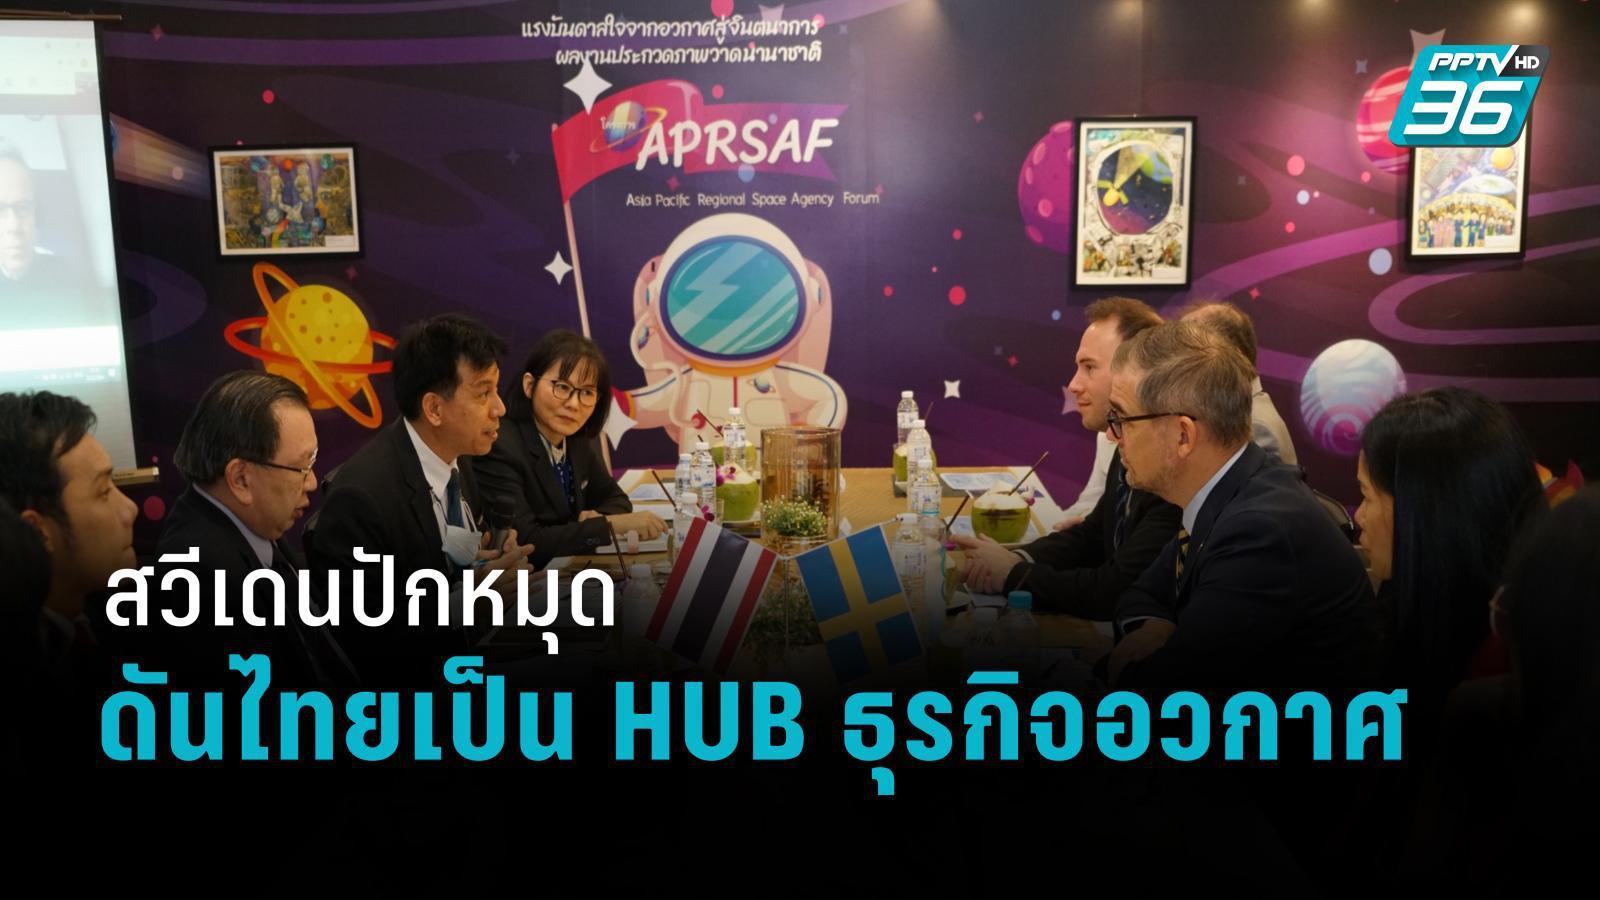 สวีเดนปักหมุด ดัน ไทย สู่ HUB อุตสาหกรรมอวกาศในเอเชียแปซิฟิก